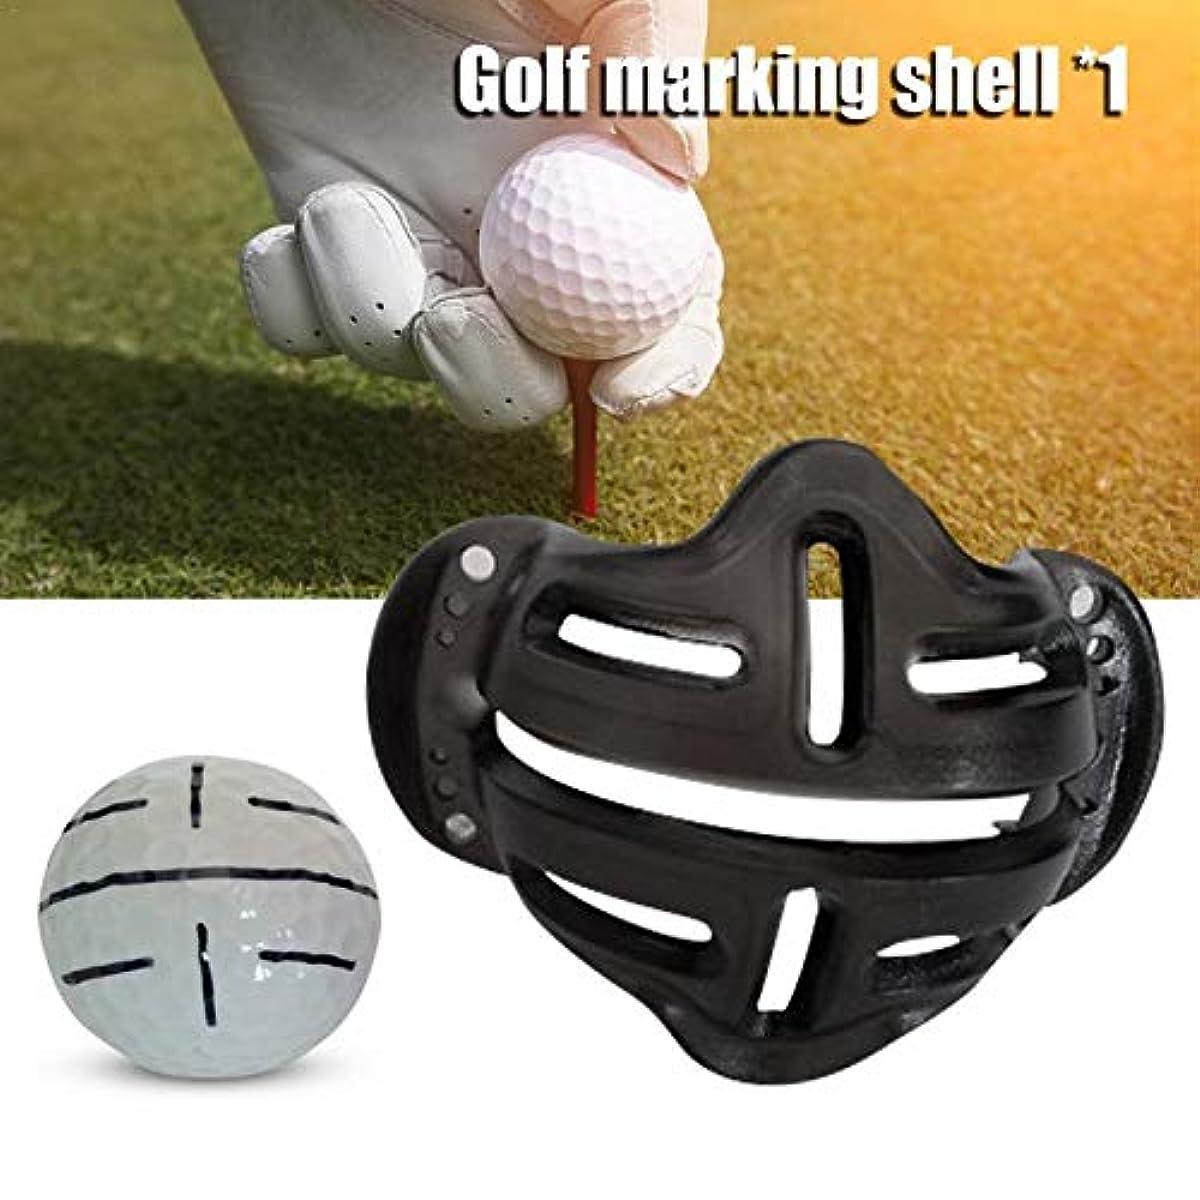 [해외] 새로운 골프 볼의 합성피혁해 라인 마커 마크 템플릿은,템플릿의 리니어 패드 위치 정해 볼 마크 alignment가 클립 툴을 두는 그립니다